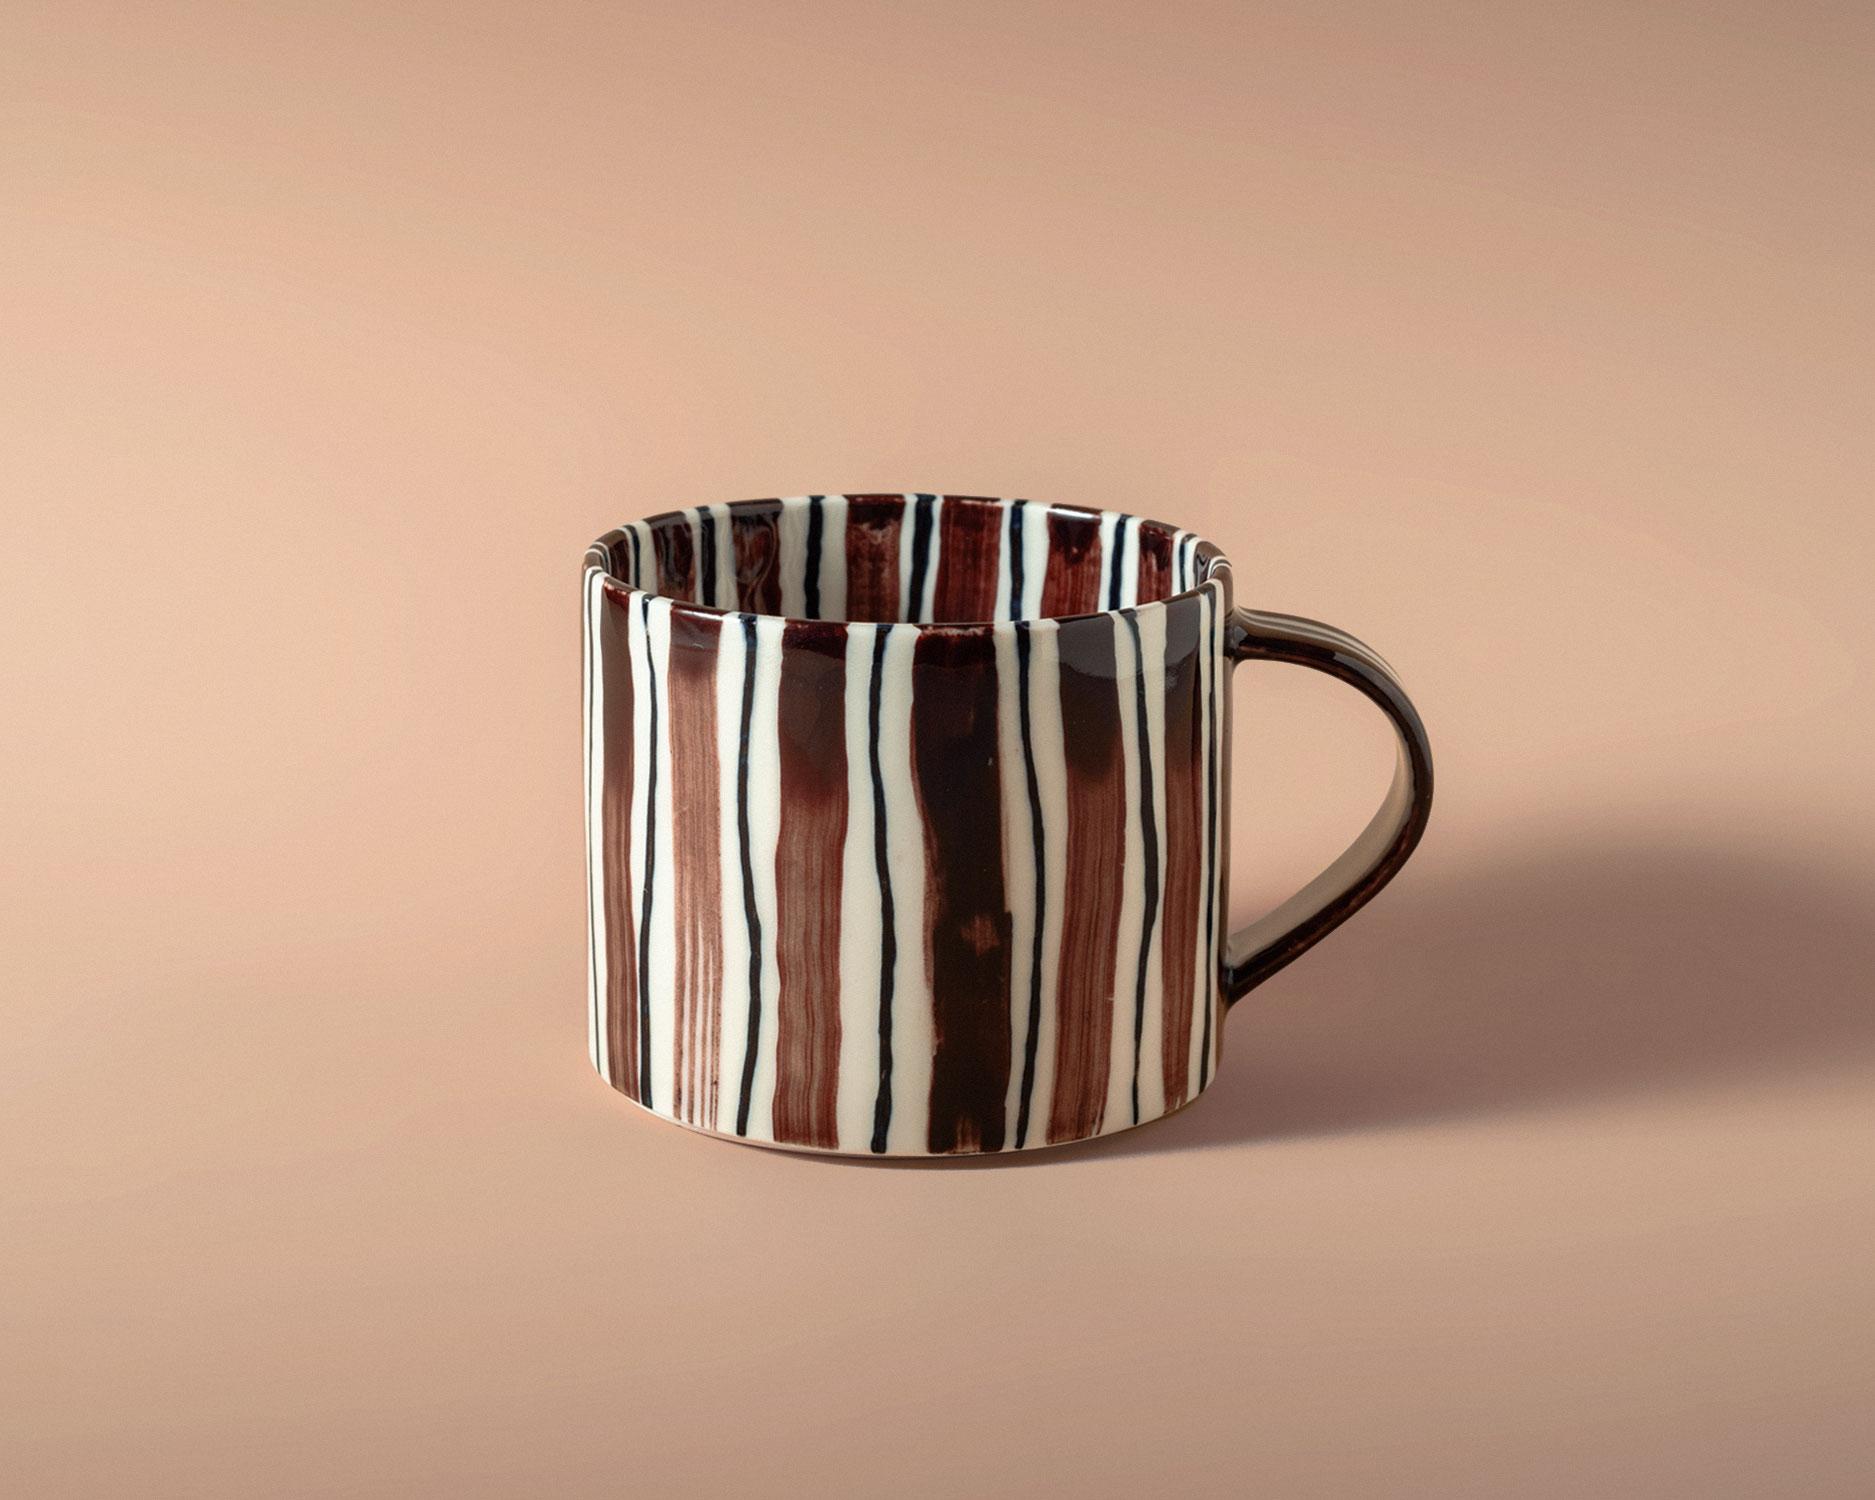 folkdrakter-tea-cup-4-pp.jpg